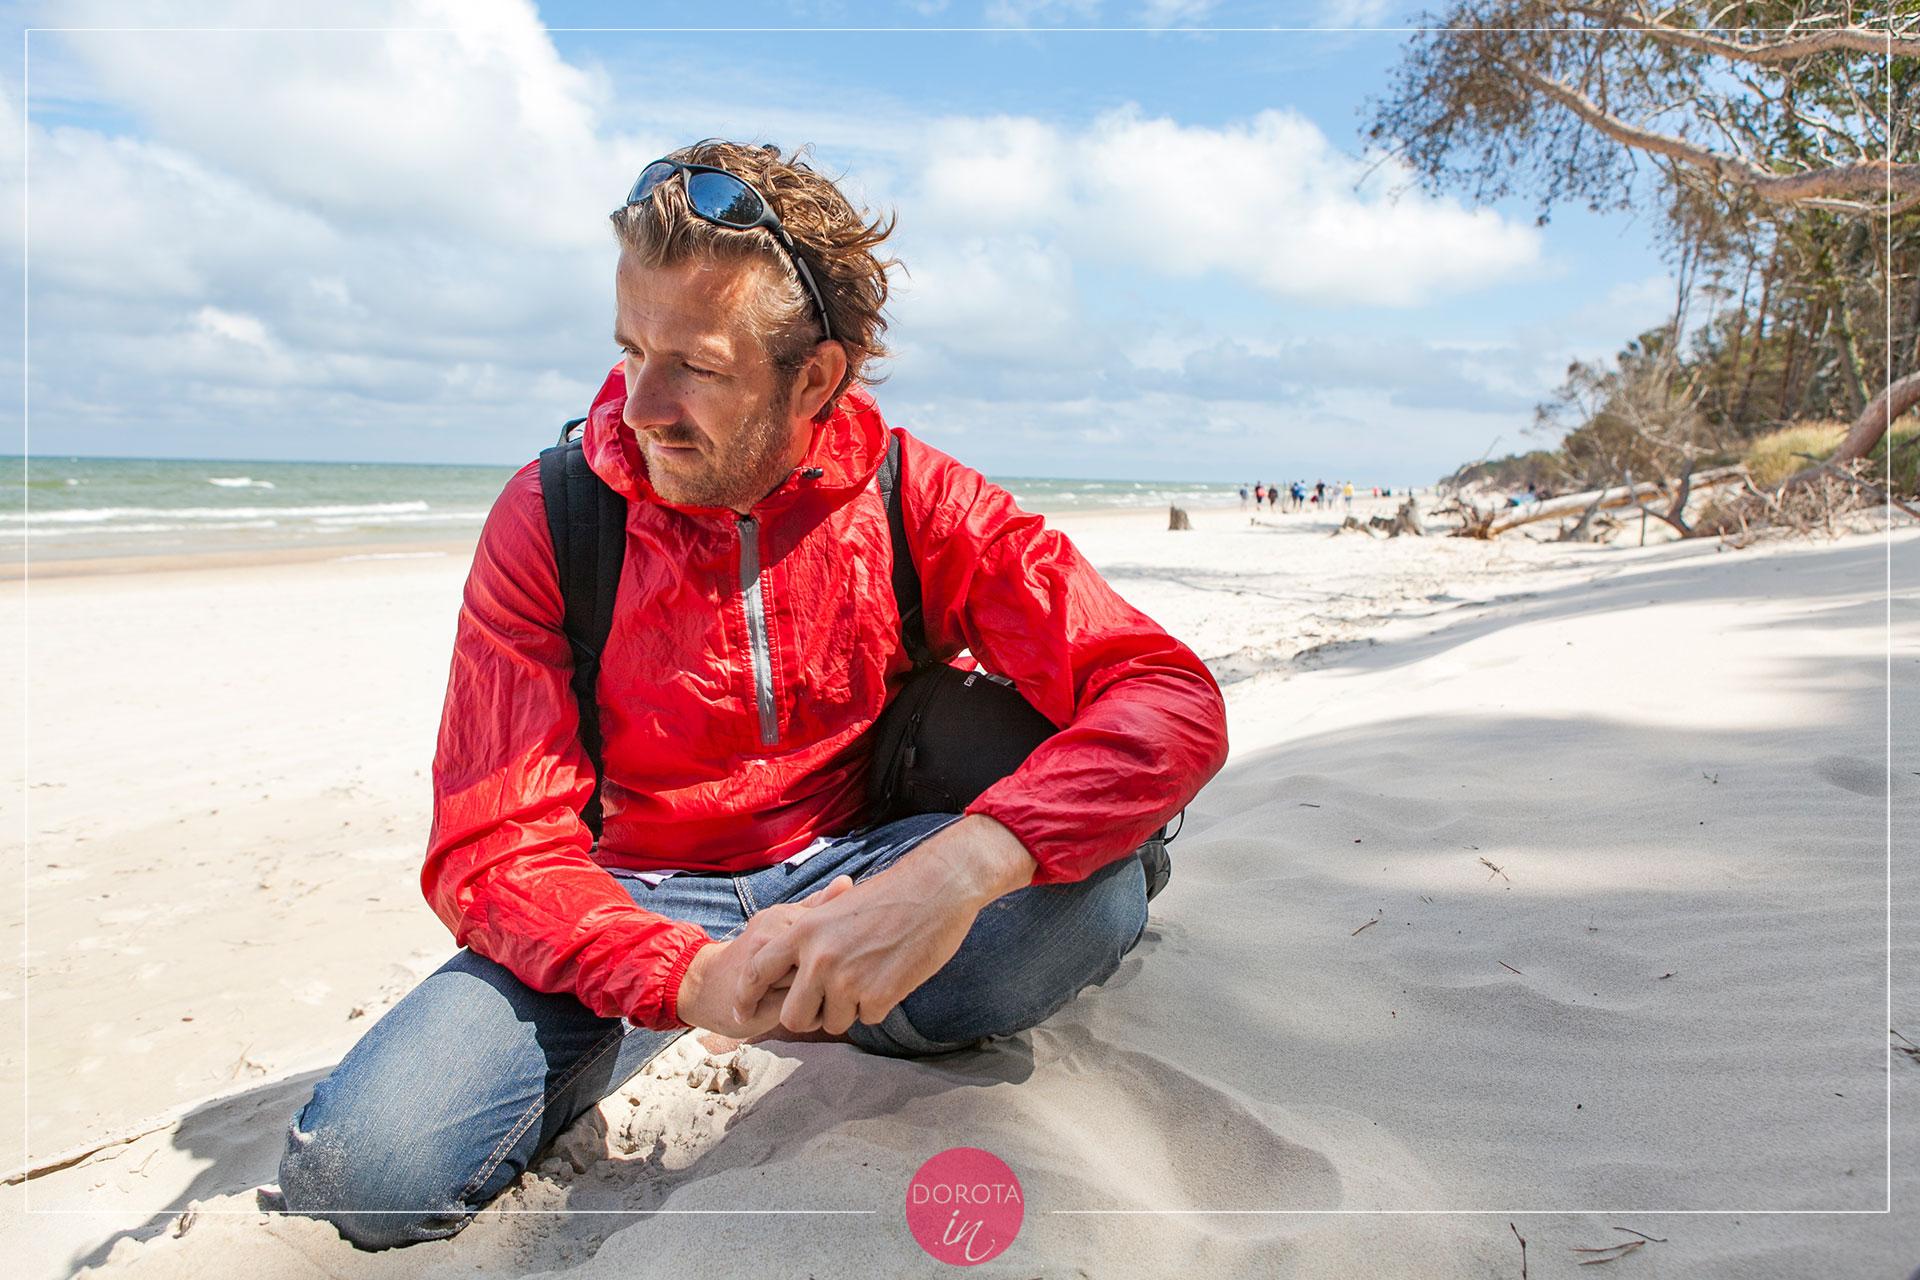 Oderwany na plaży :)